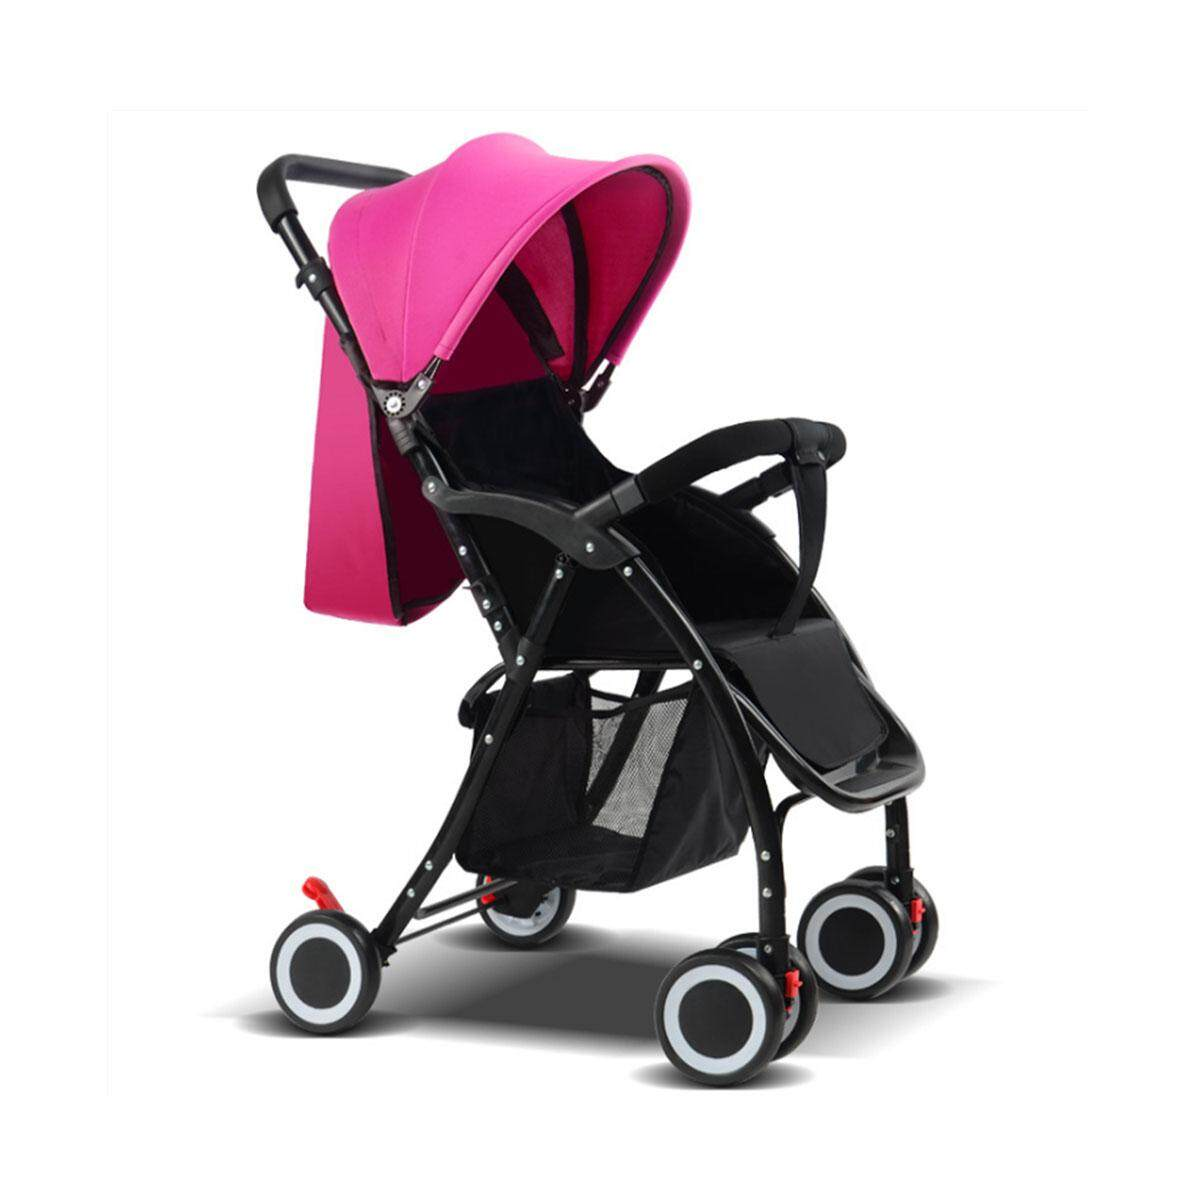 คูปอง ส่วนลด เมื่อซื้อ Unbranded/Generic รถเข็นเด็กแบบนอน น้ำหนักเบารถเข็นเด็กทารกและ Bassinet ทารกแรกเกิดพับรถเข็นเด็ก Trave - นานาชาติ ร้านที่เชื่อถือมากที่สุด